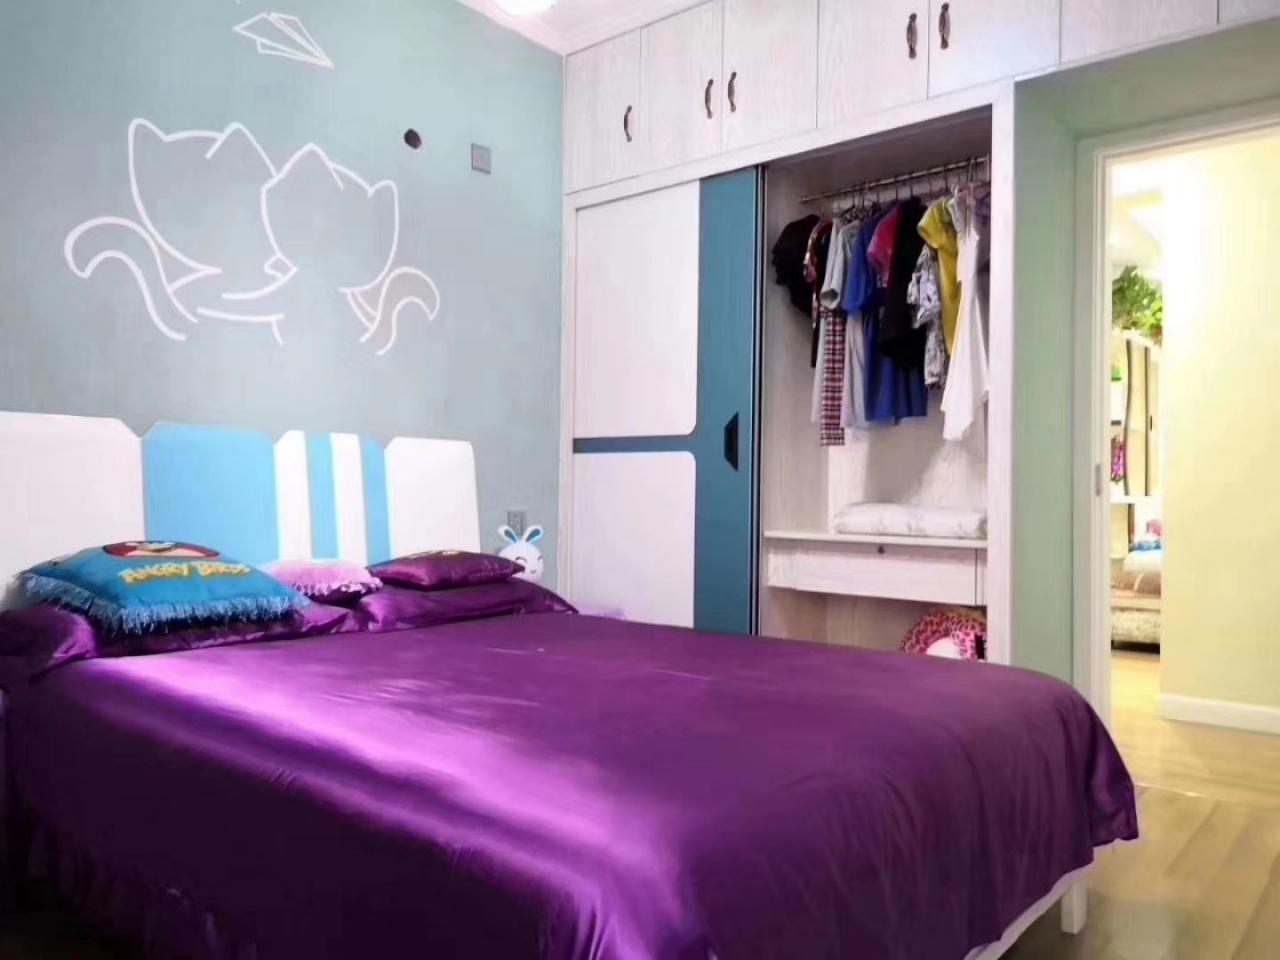 国维·中央府邸3室 1厅 1卫53.8万元